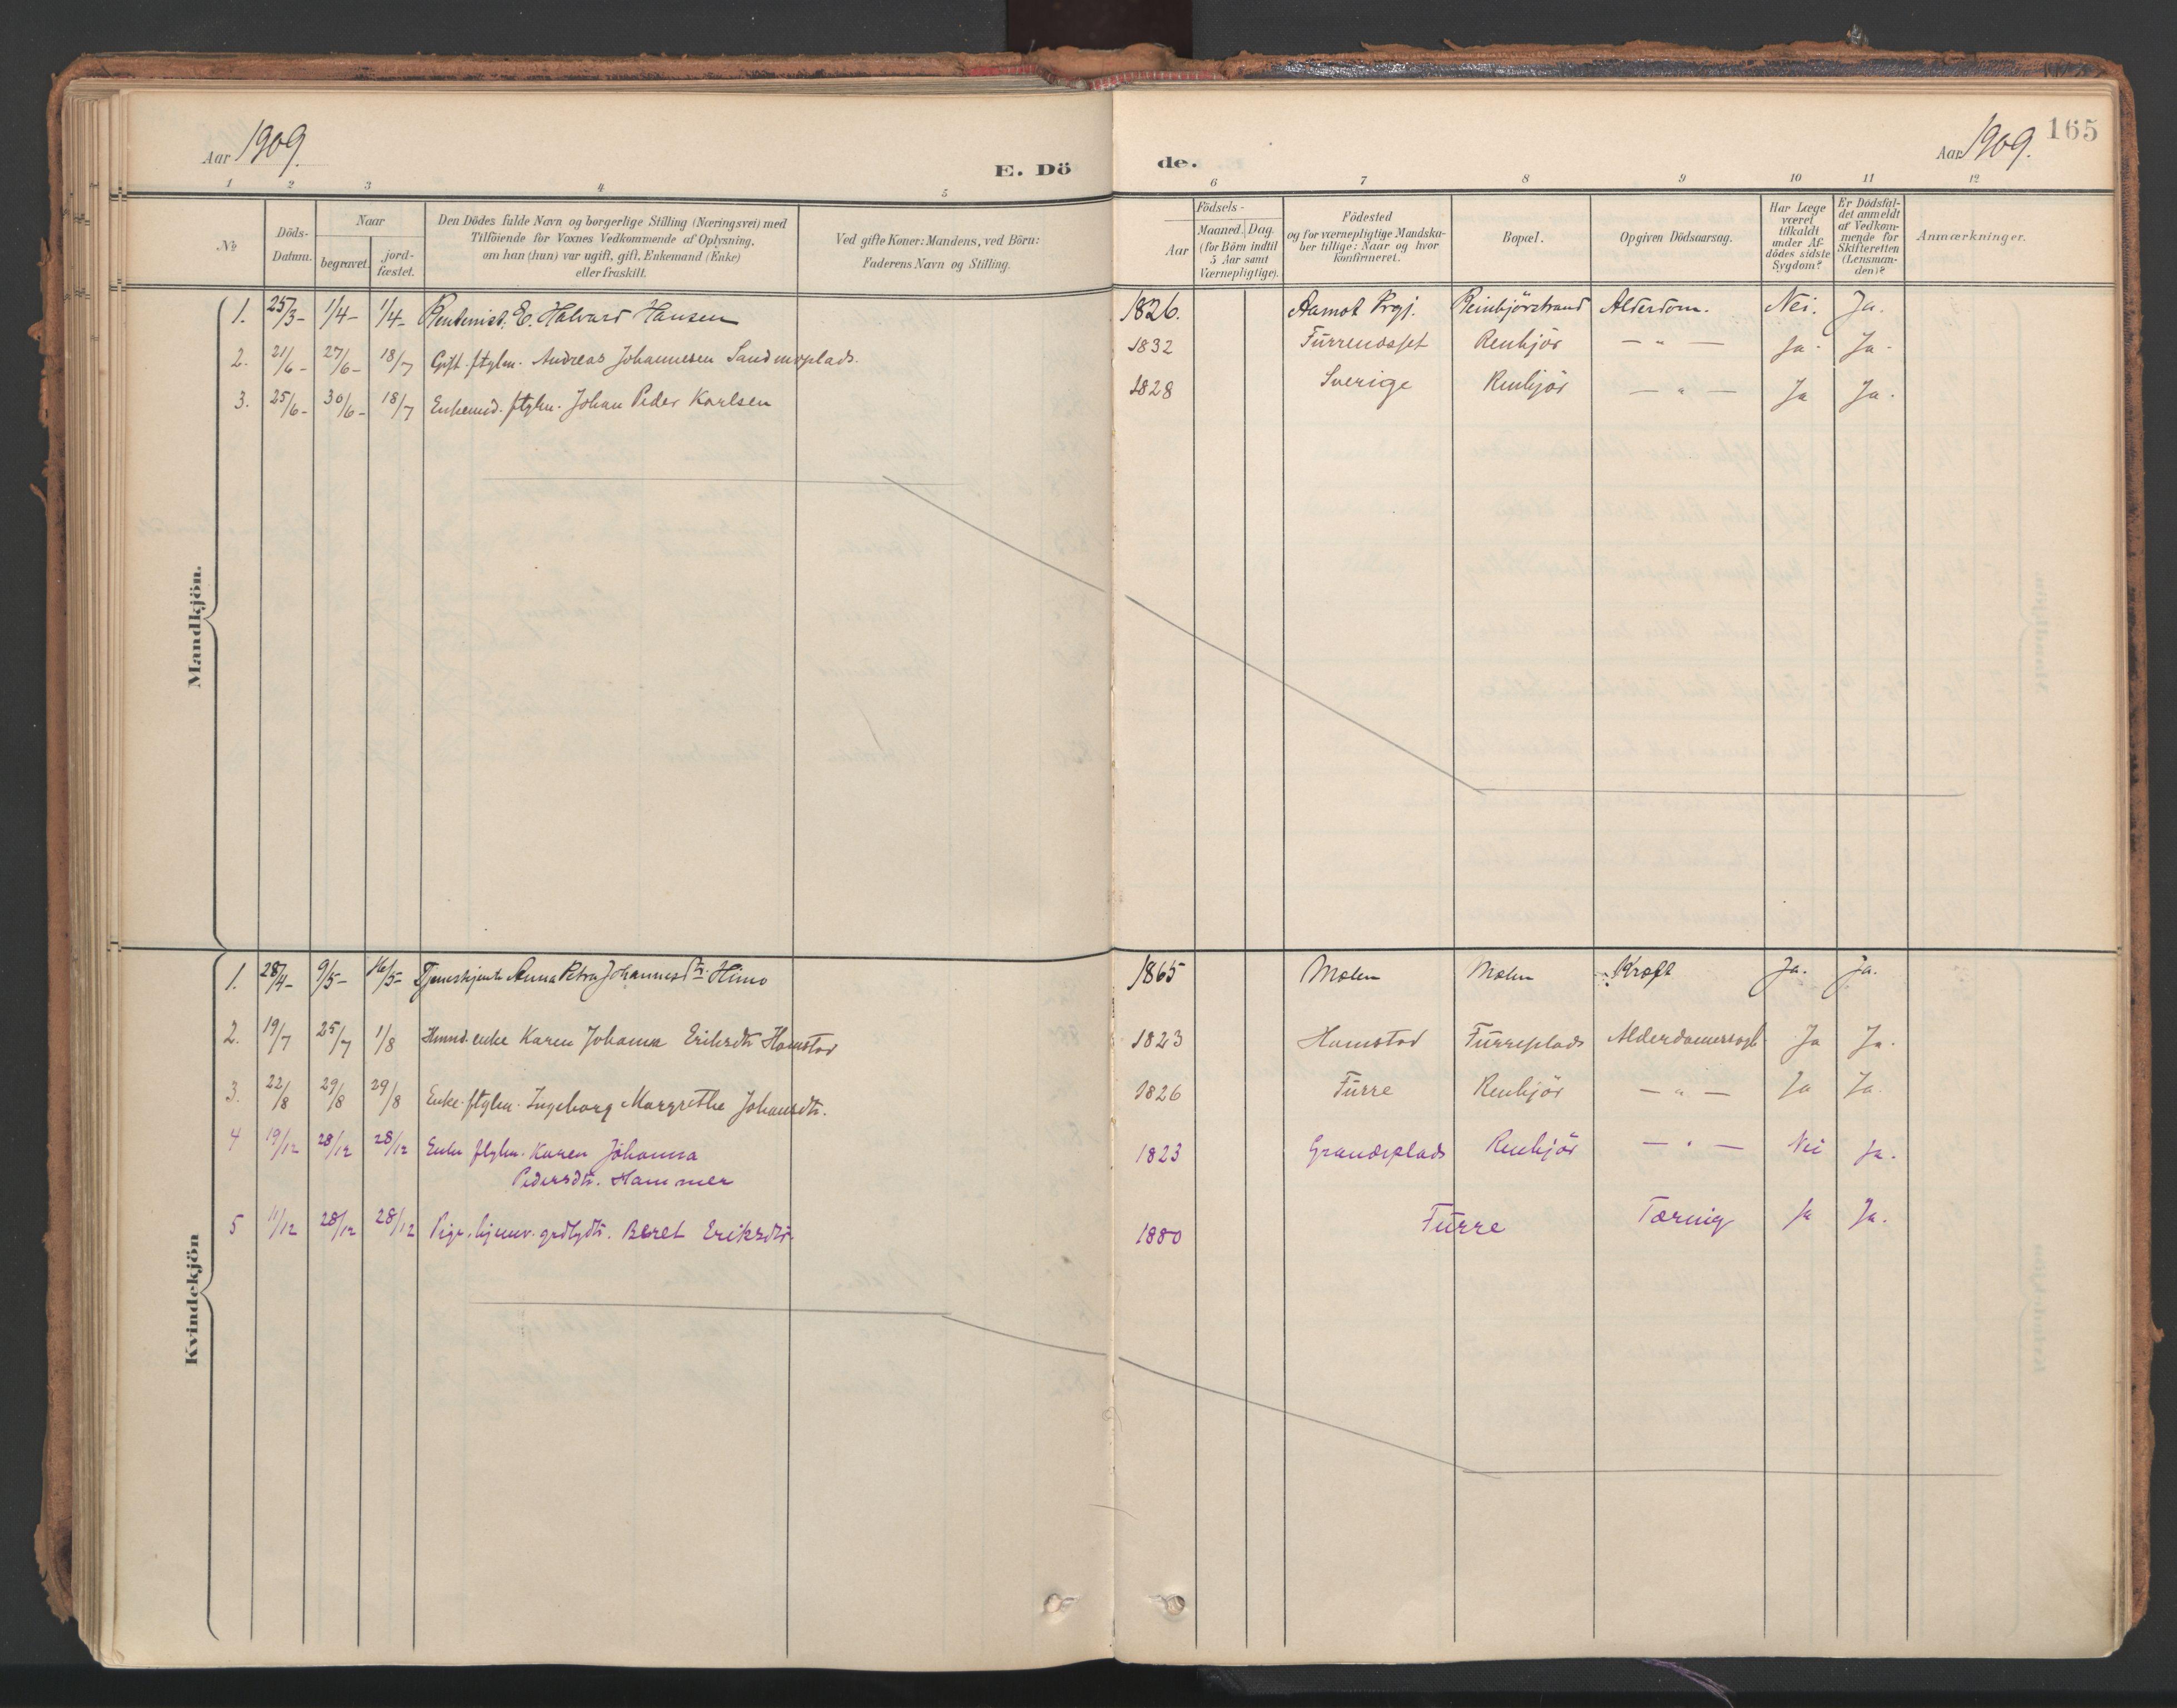 SAT, Ministerialprotokoller, klokkerbøker og fødselsregistre - Nord-Trøndelag, 766/L0564: Ministerialbok nr. 767A02, 1900-1932, s. 165